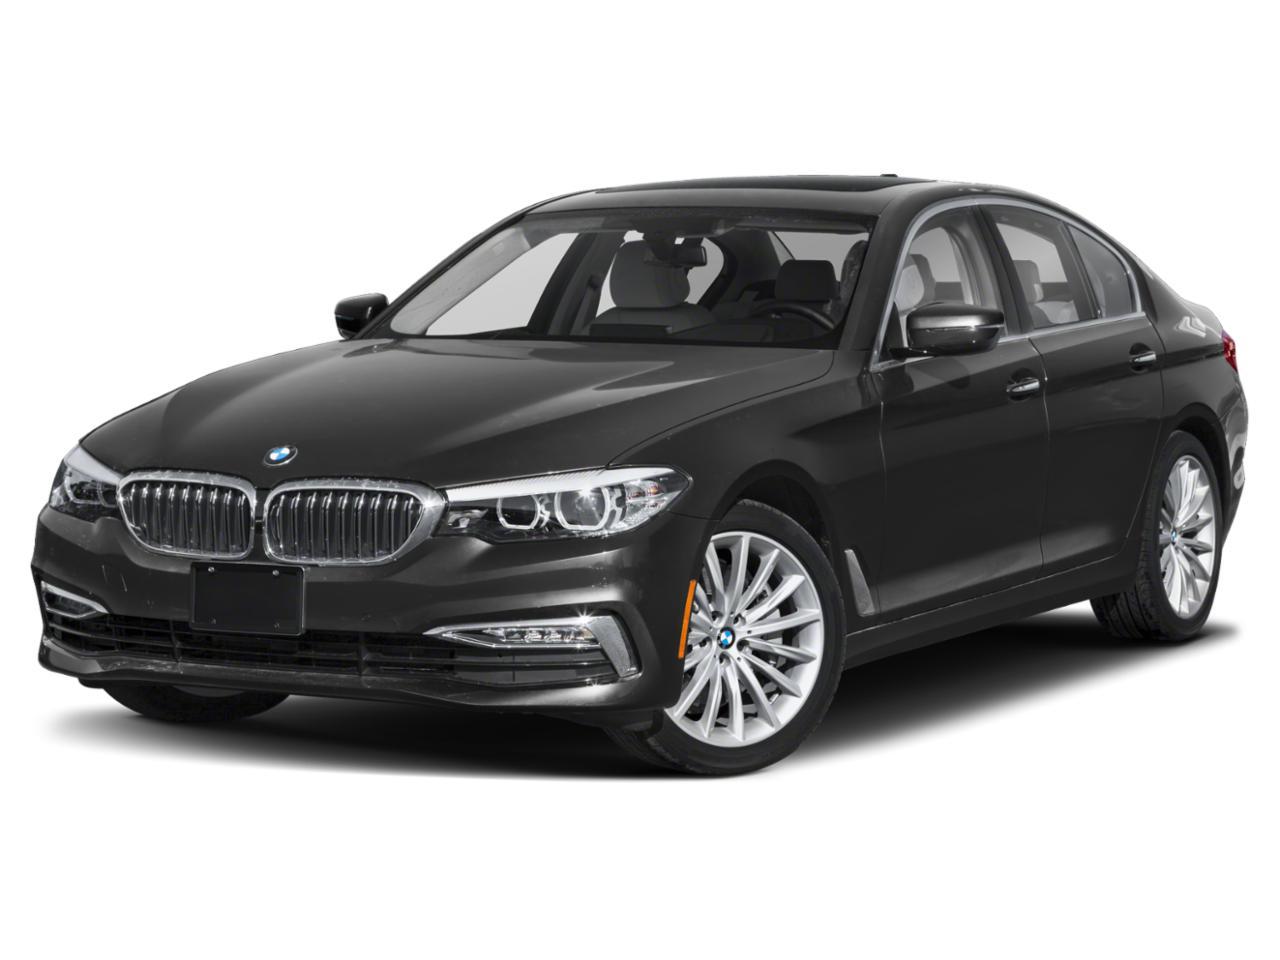 2018 BMW 530i Vehicle Photo in SELMA, TX 78154-1459